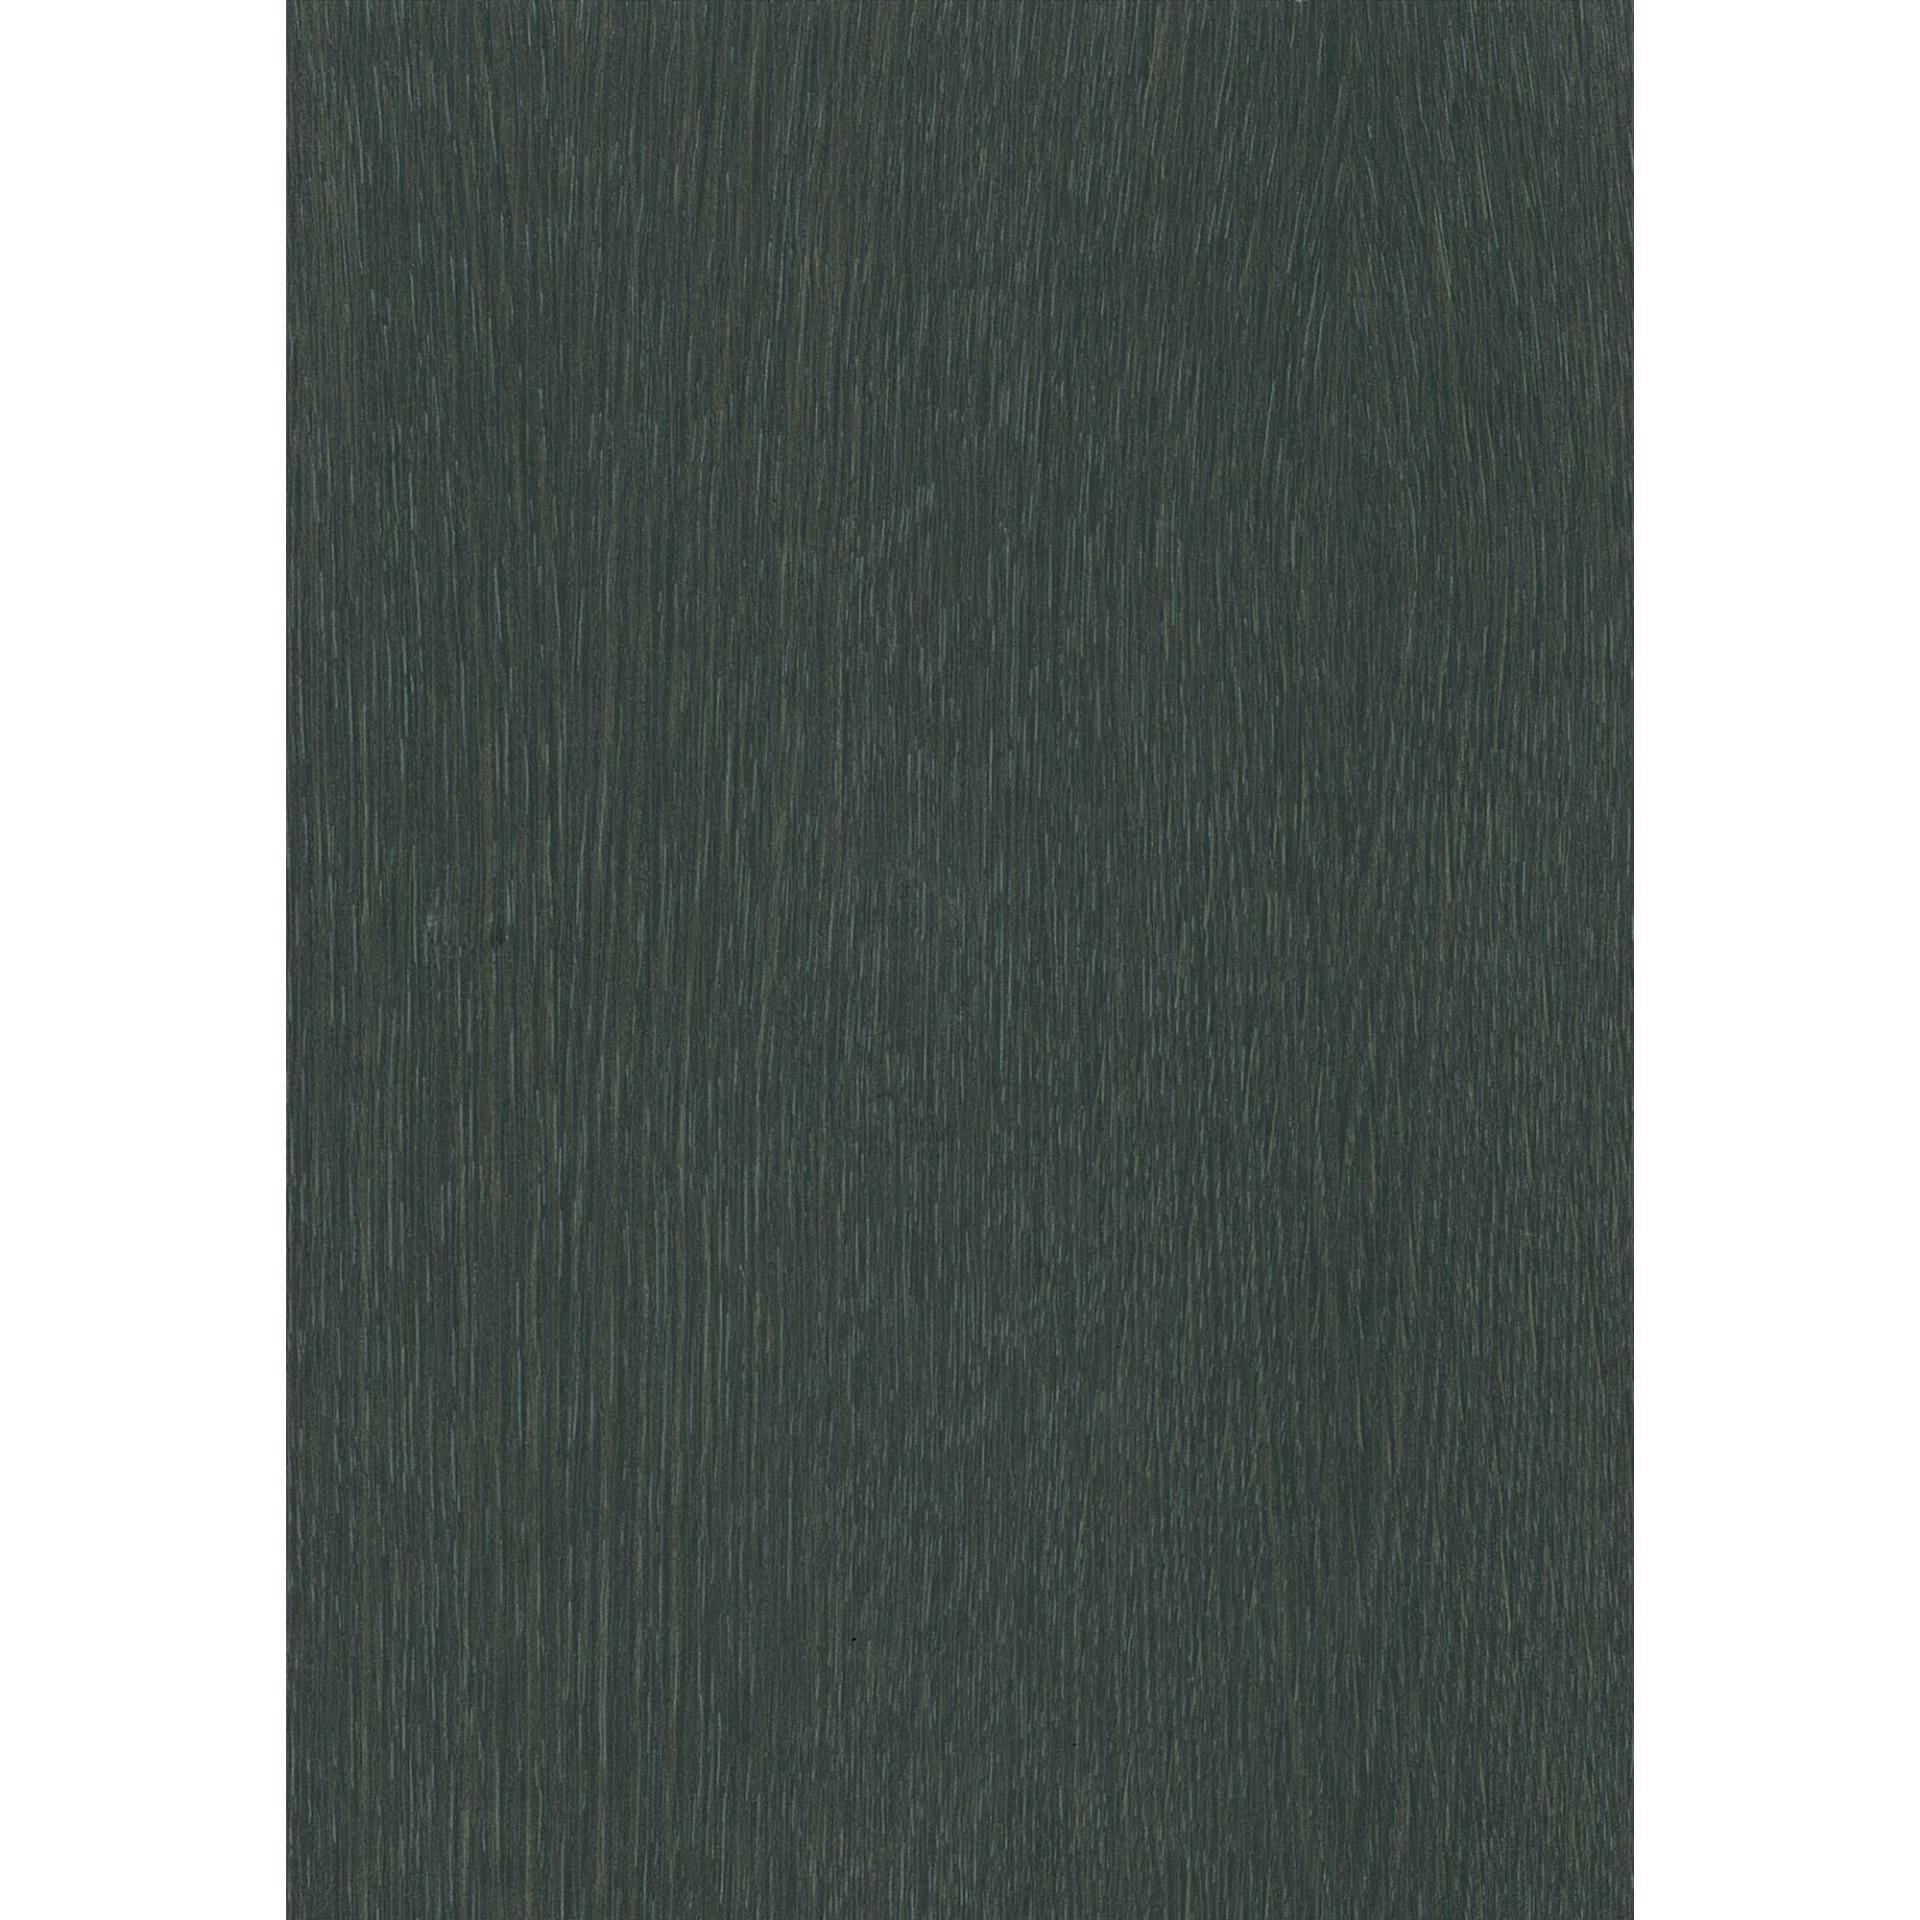 WOL - Laminate 4 x 8 thickness 0.6 mm Sheets -  Melody Oak - HPL